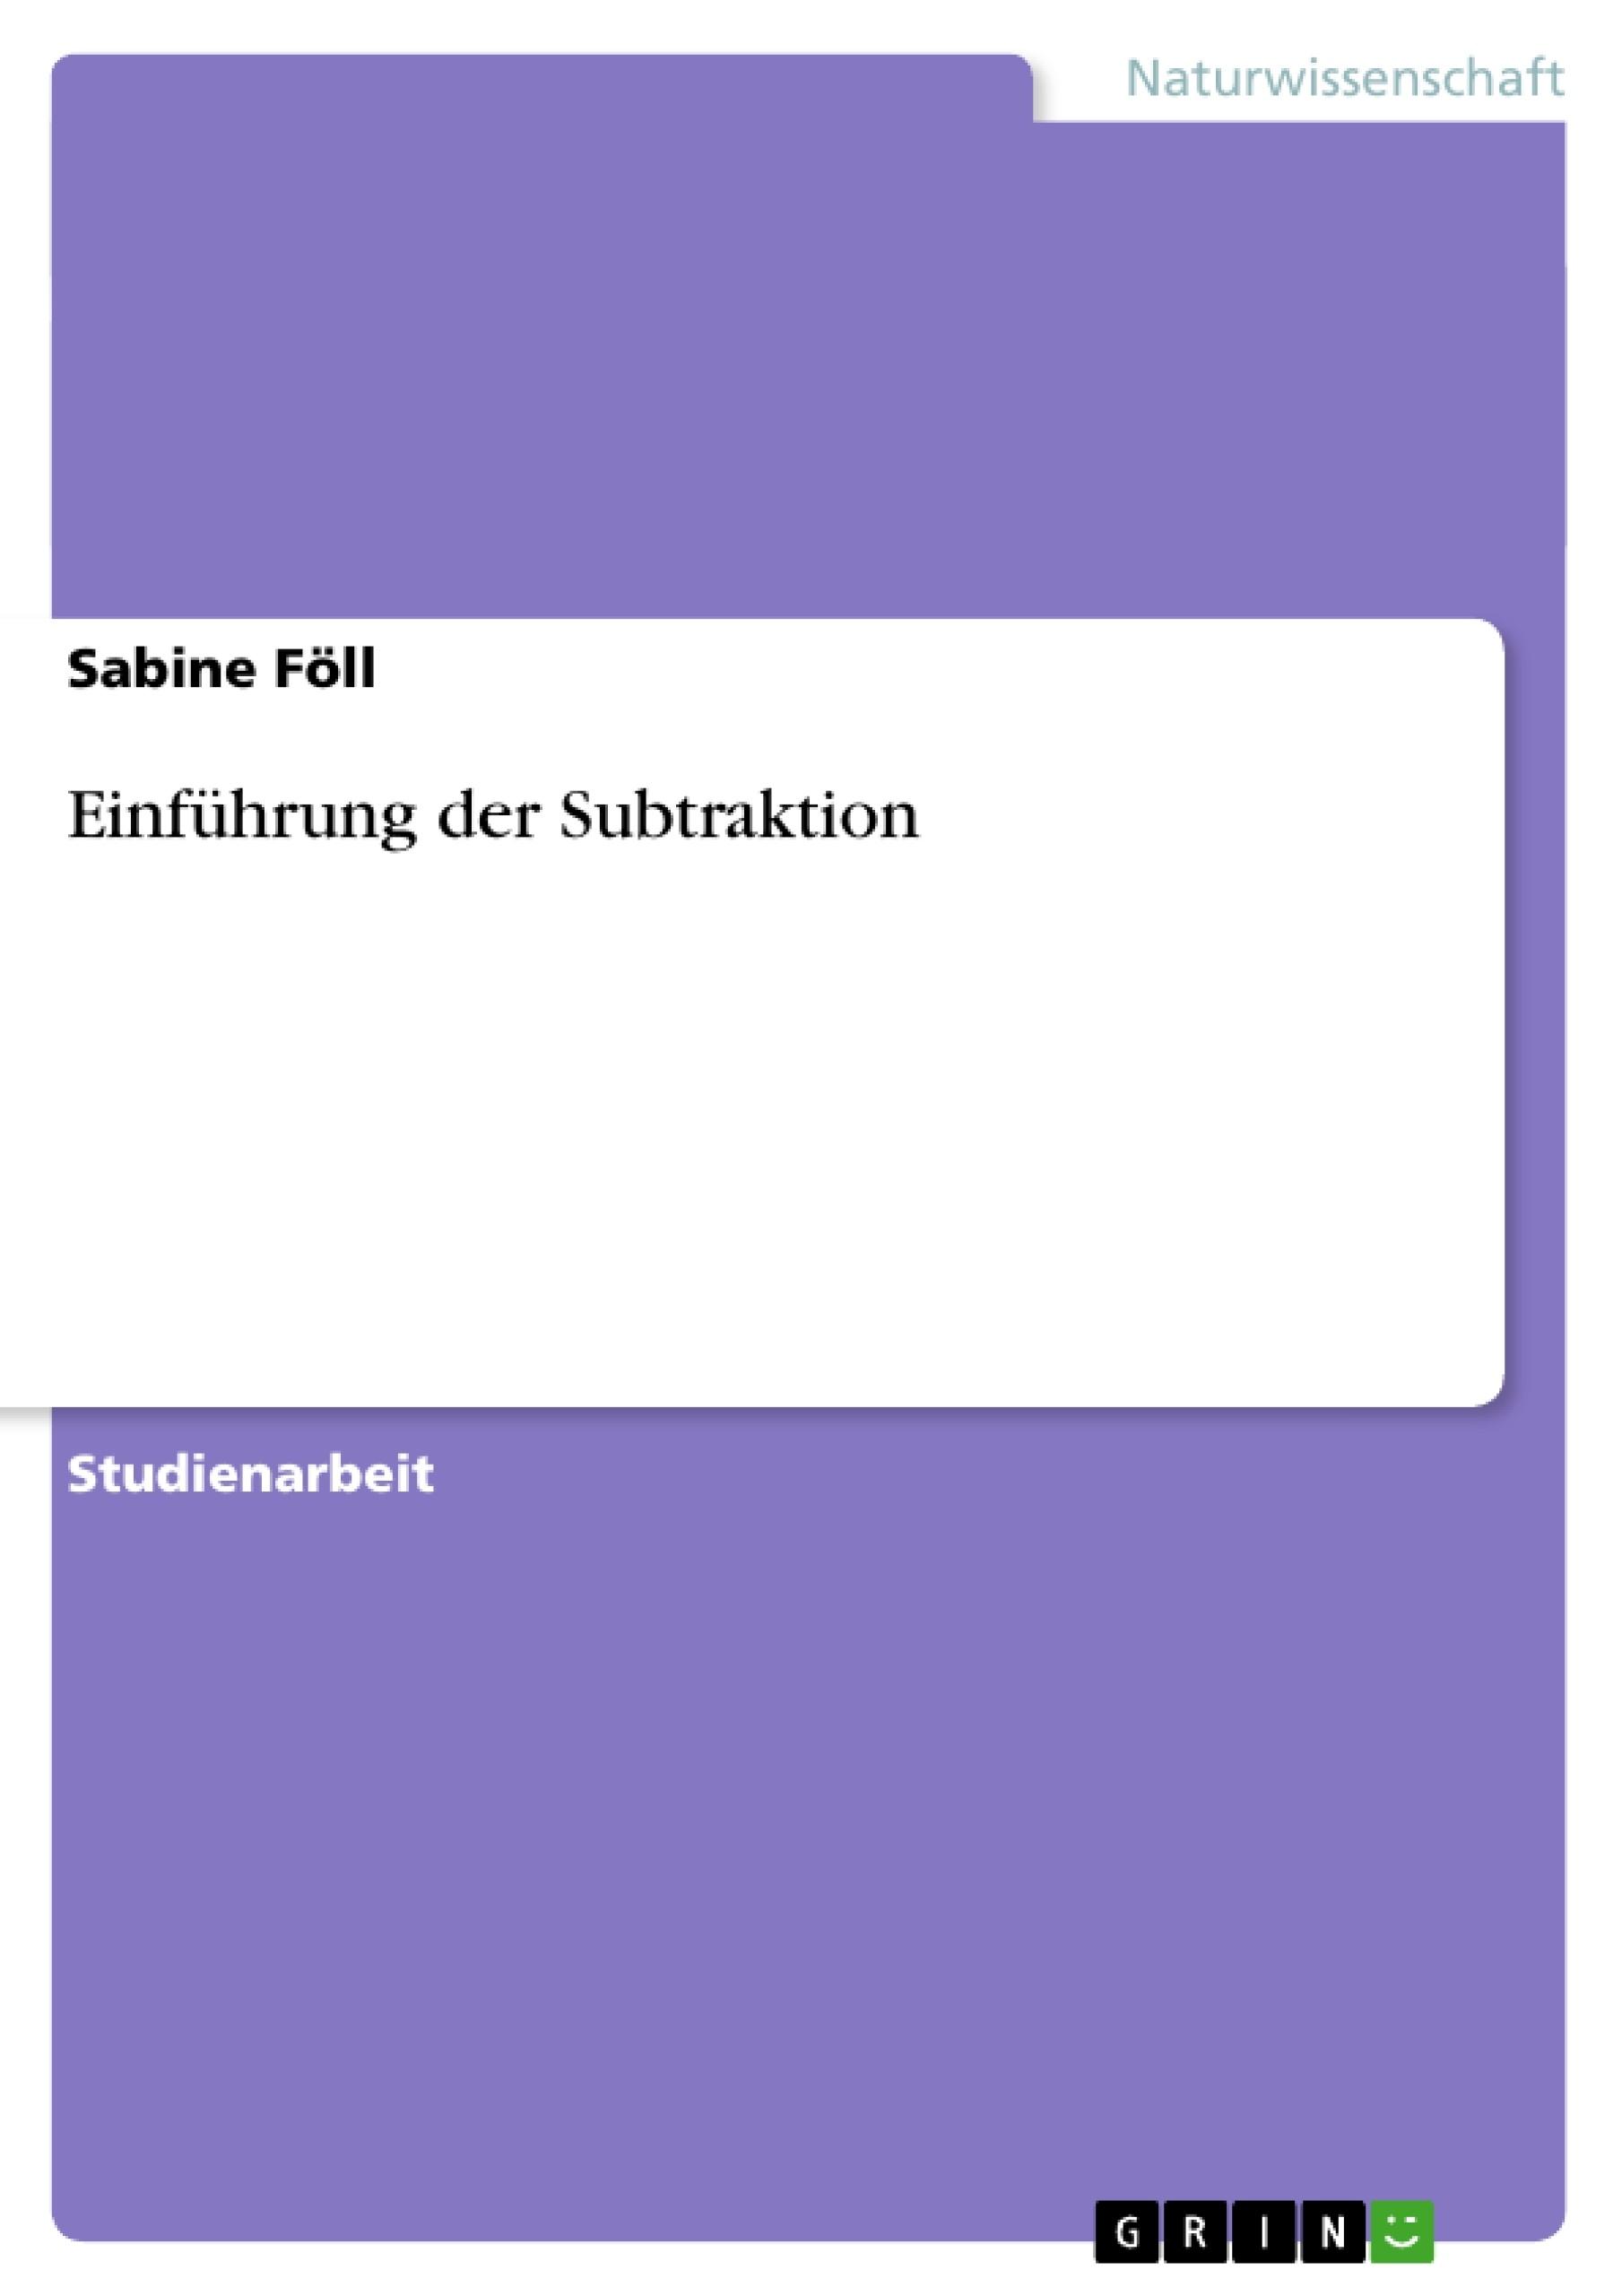 Einführung der Subtraktion | Masterarbeit, Hausarbeit ...